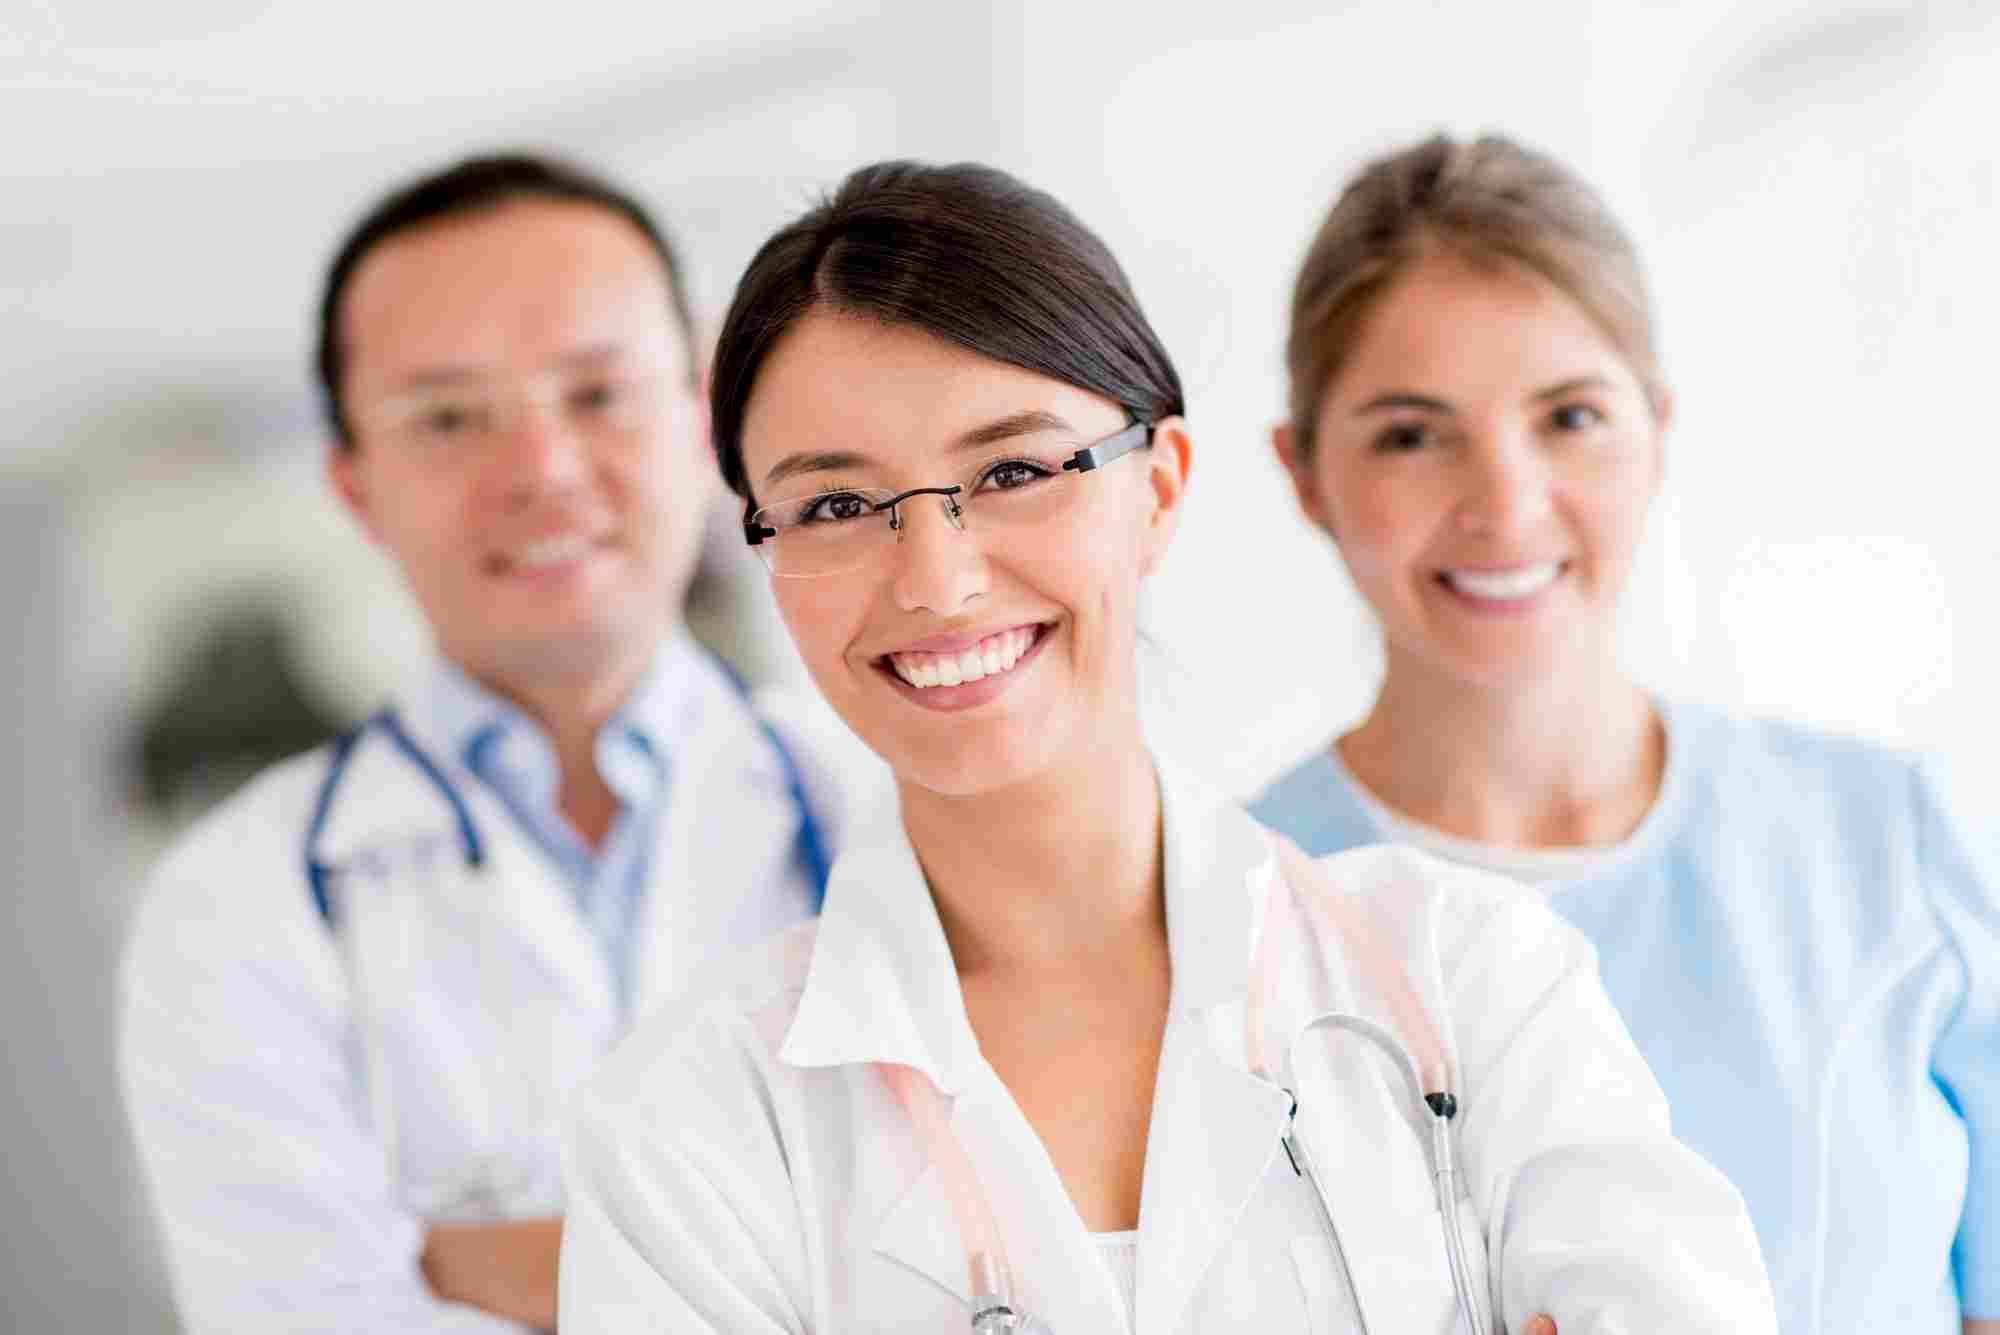 doctors - Departments